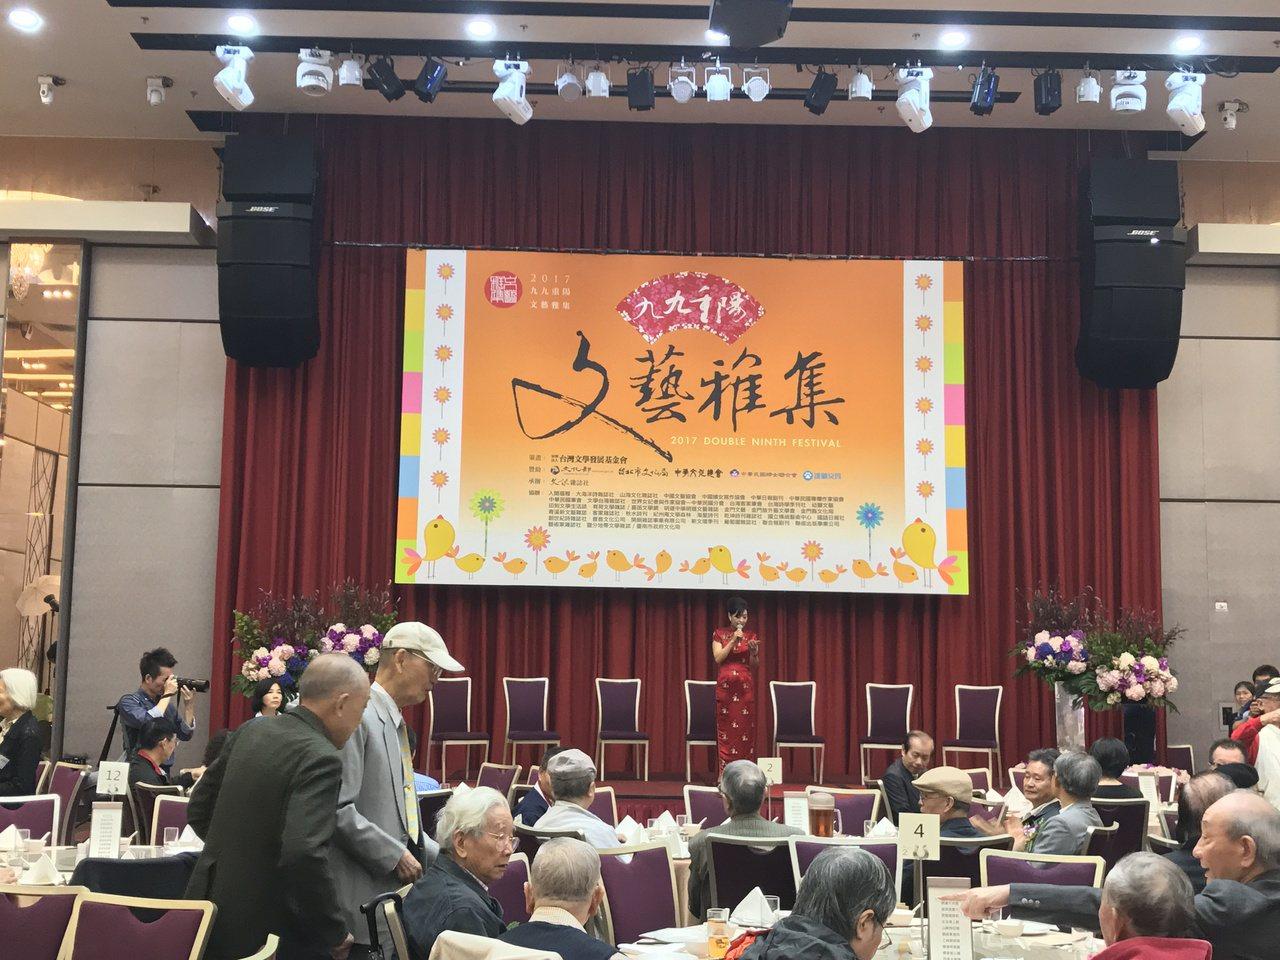 文訊雜誌社今舉辦文藝雅集活動,邀集400多位學者、文人出席。記者王思慧/攝影